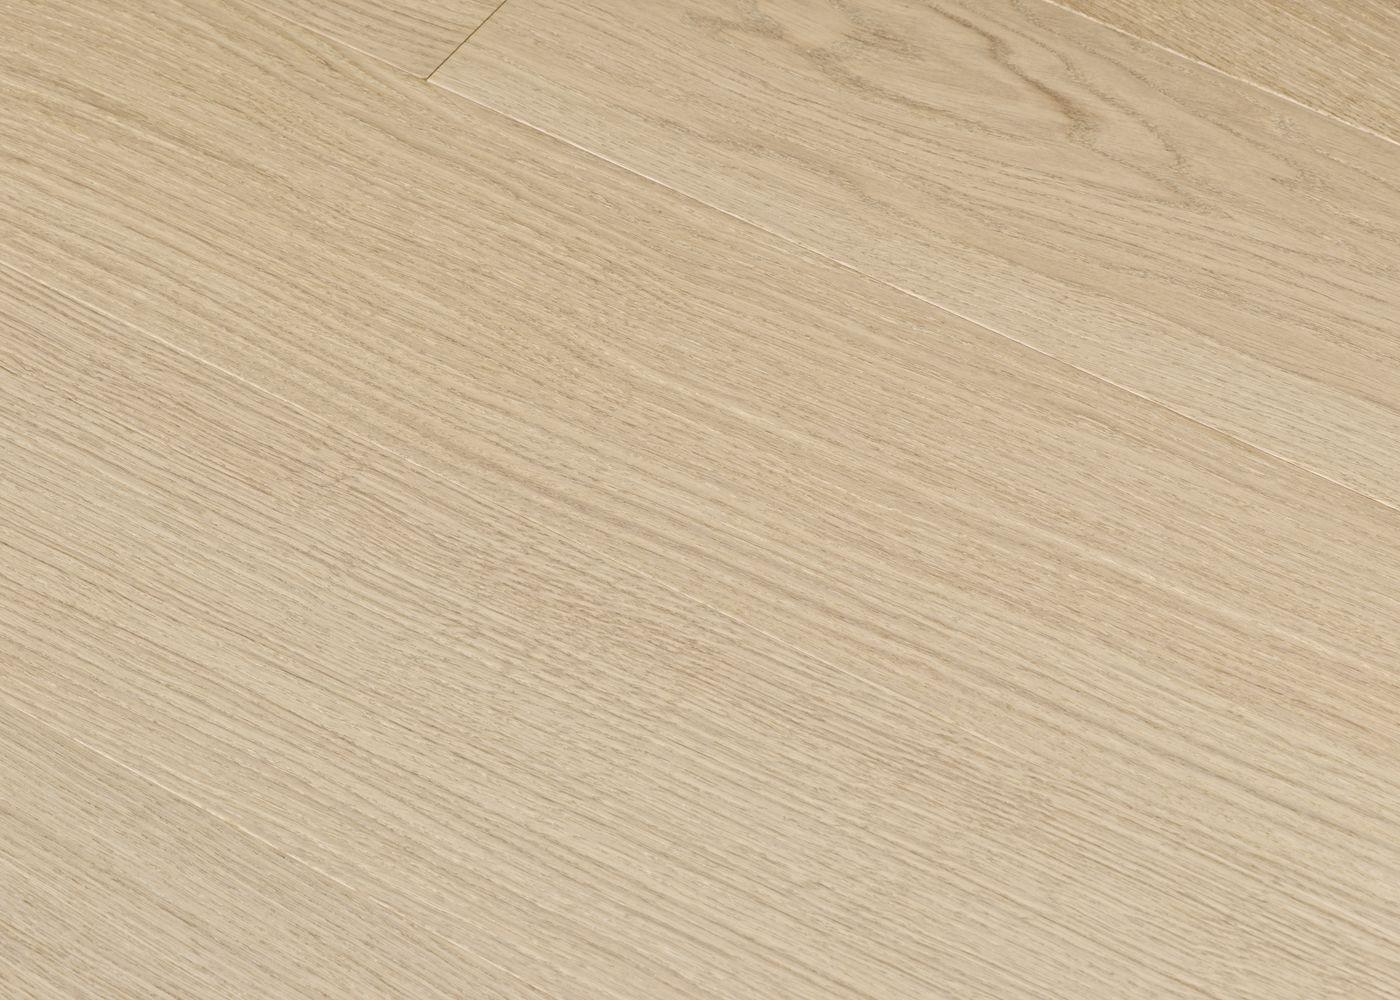 Parquet chêne contrecollé LECCE brossé vernis Select support HDF 10x92x1420